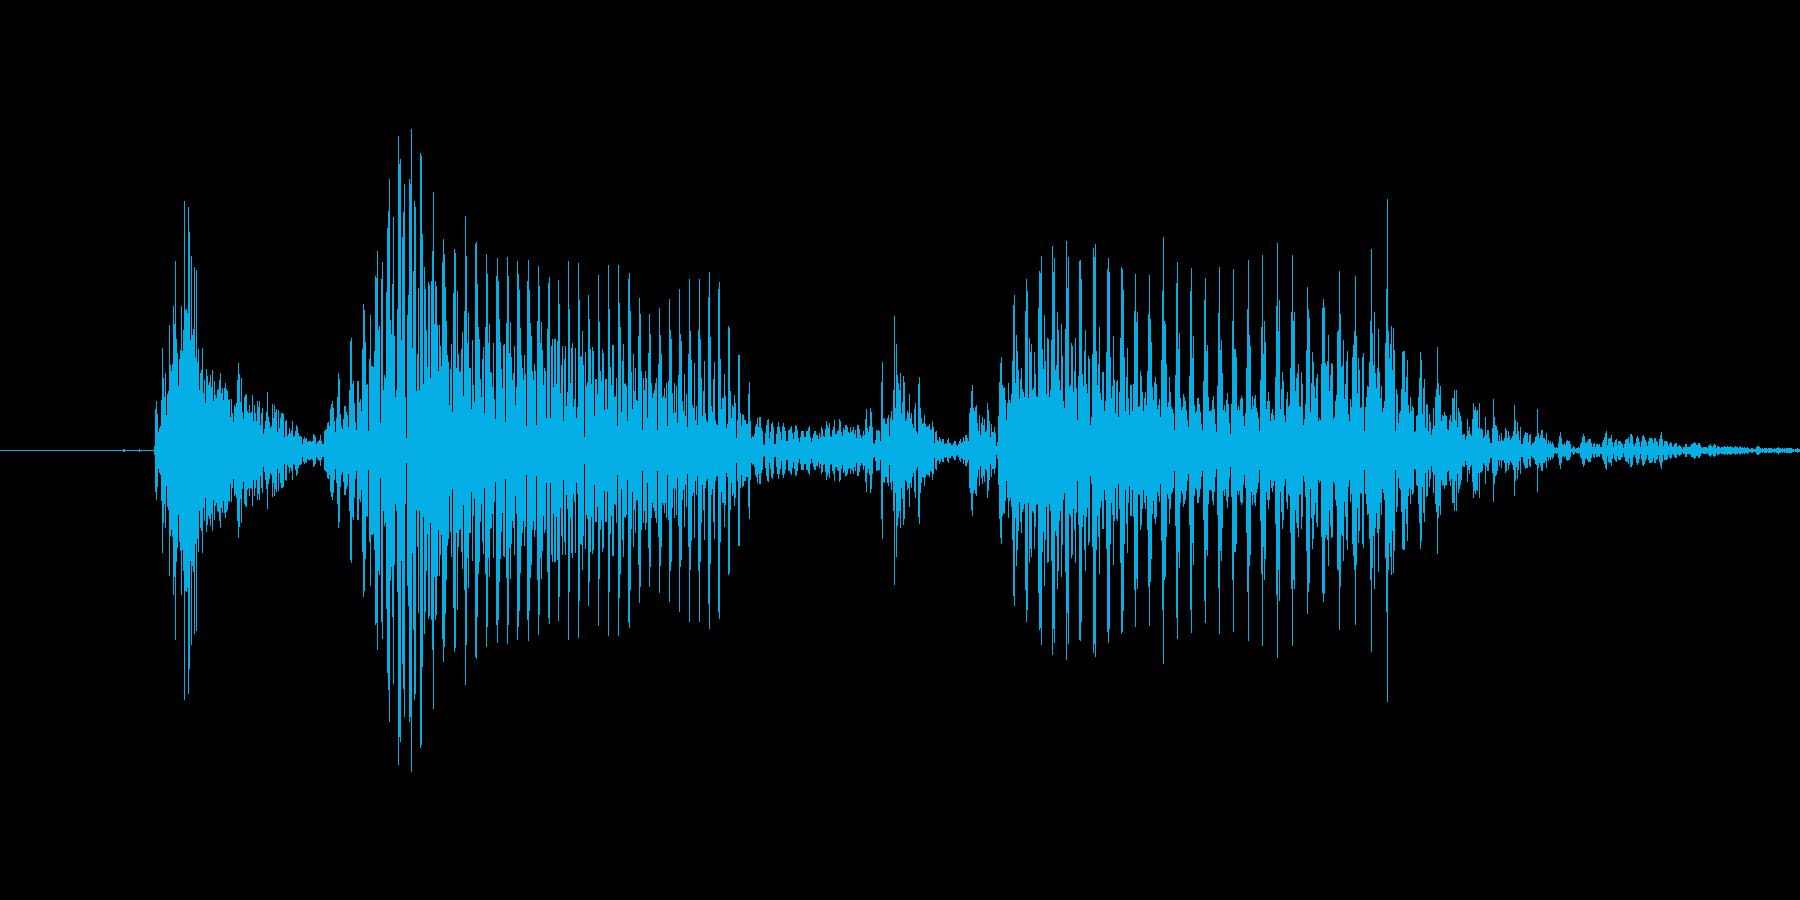 「12 AM」英語発音の再生済みの波形